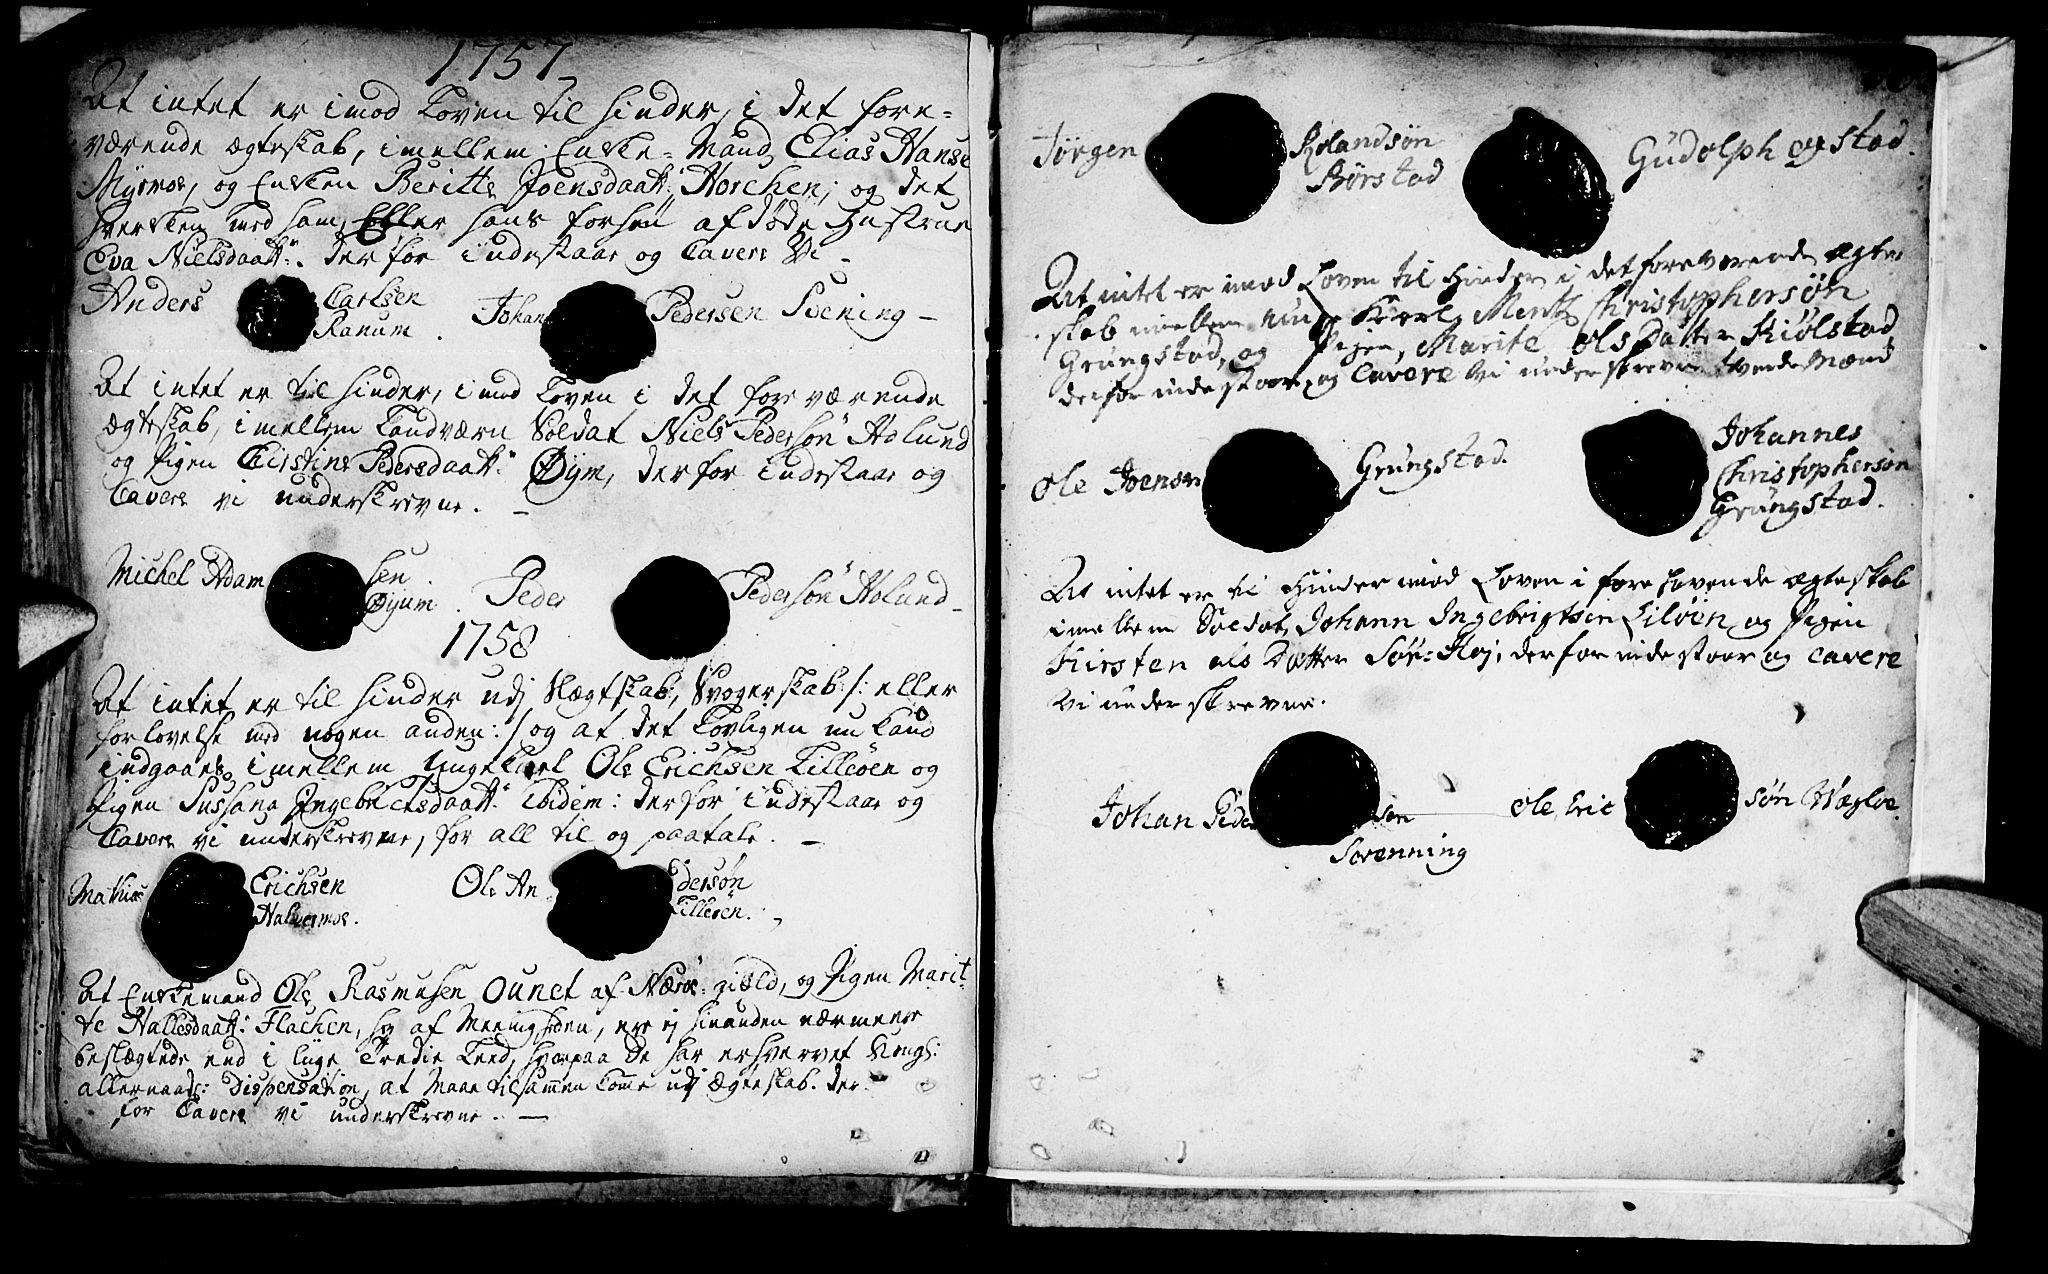 SAT, Ministerialprotokoller, klokkerbøker og fødselsregistre - Nord-Trøndelag, 764/L0541: Ministerialbok nr. 764A01, 1745-1758, s. 46